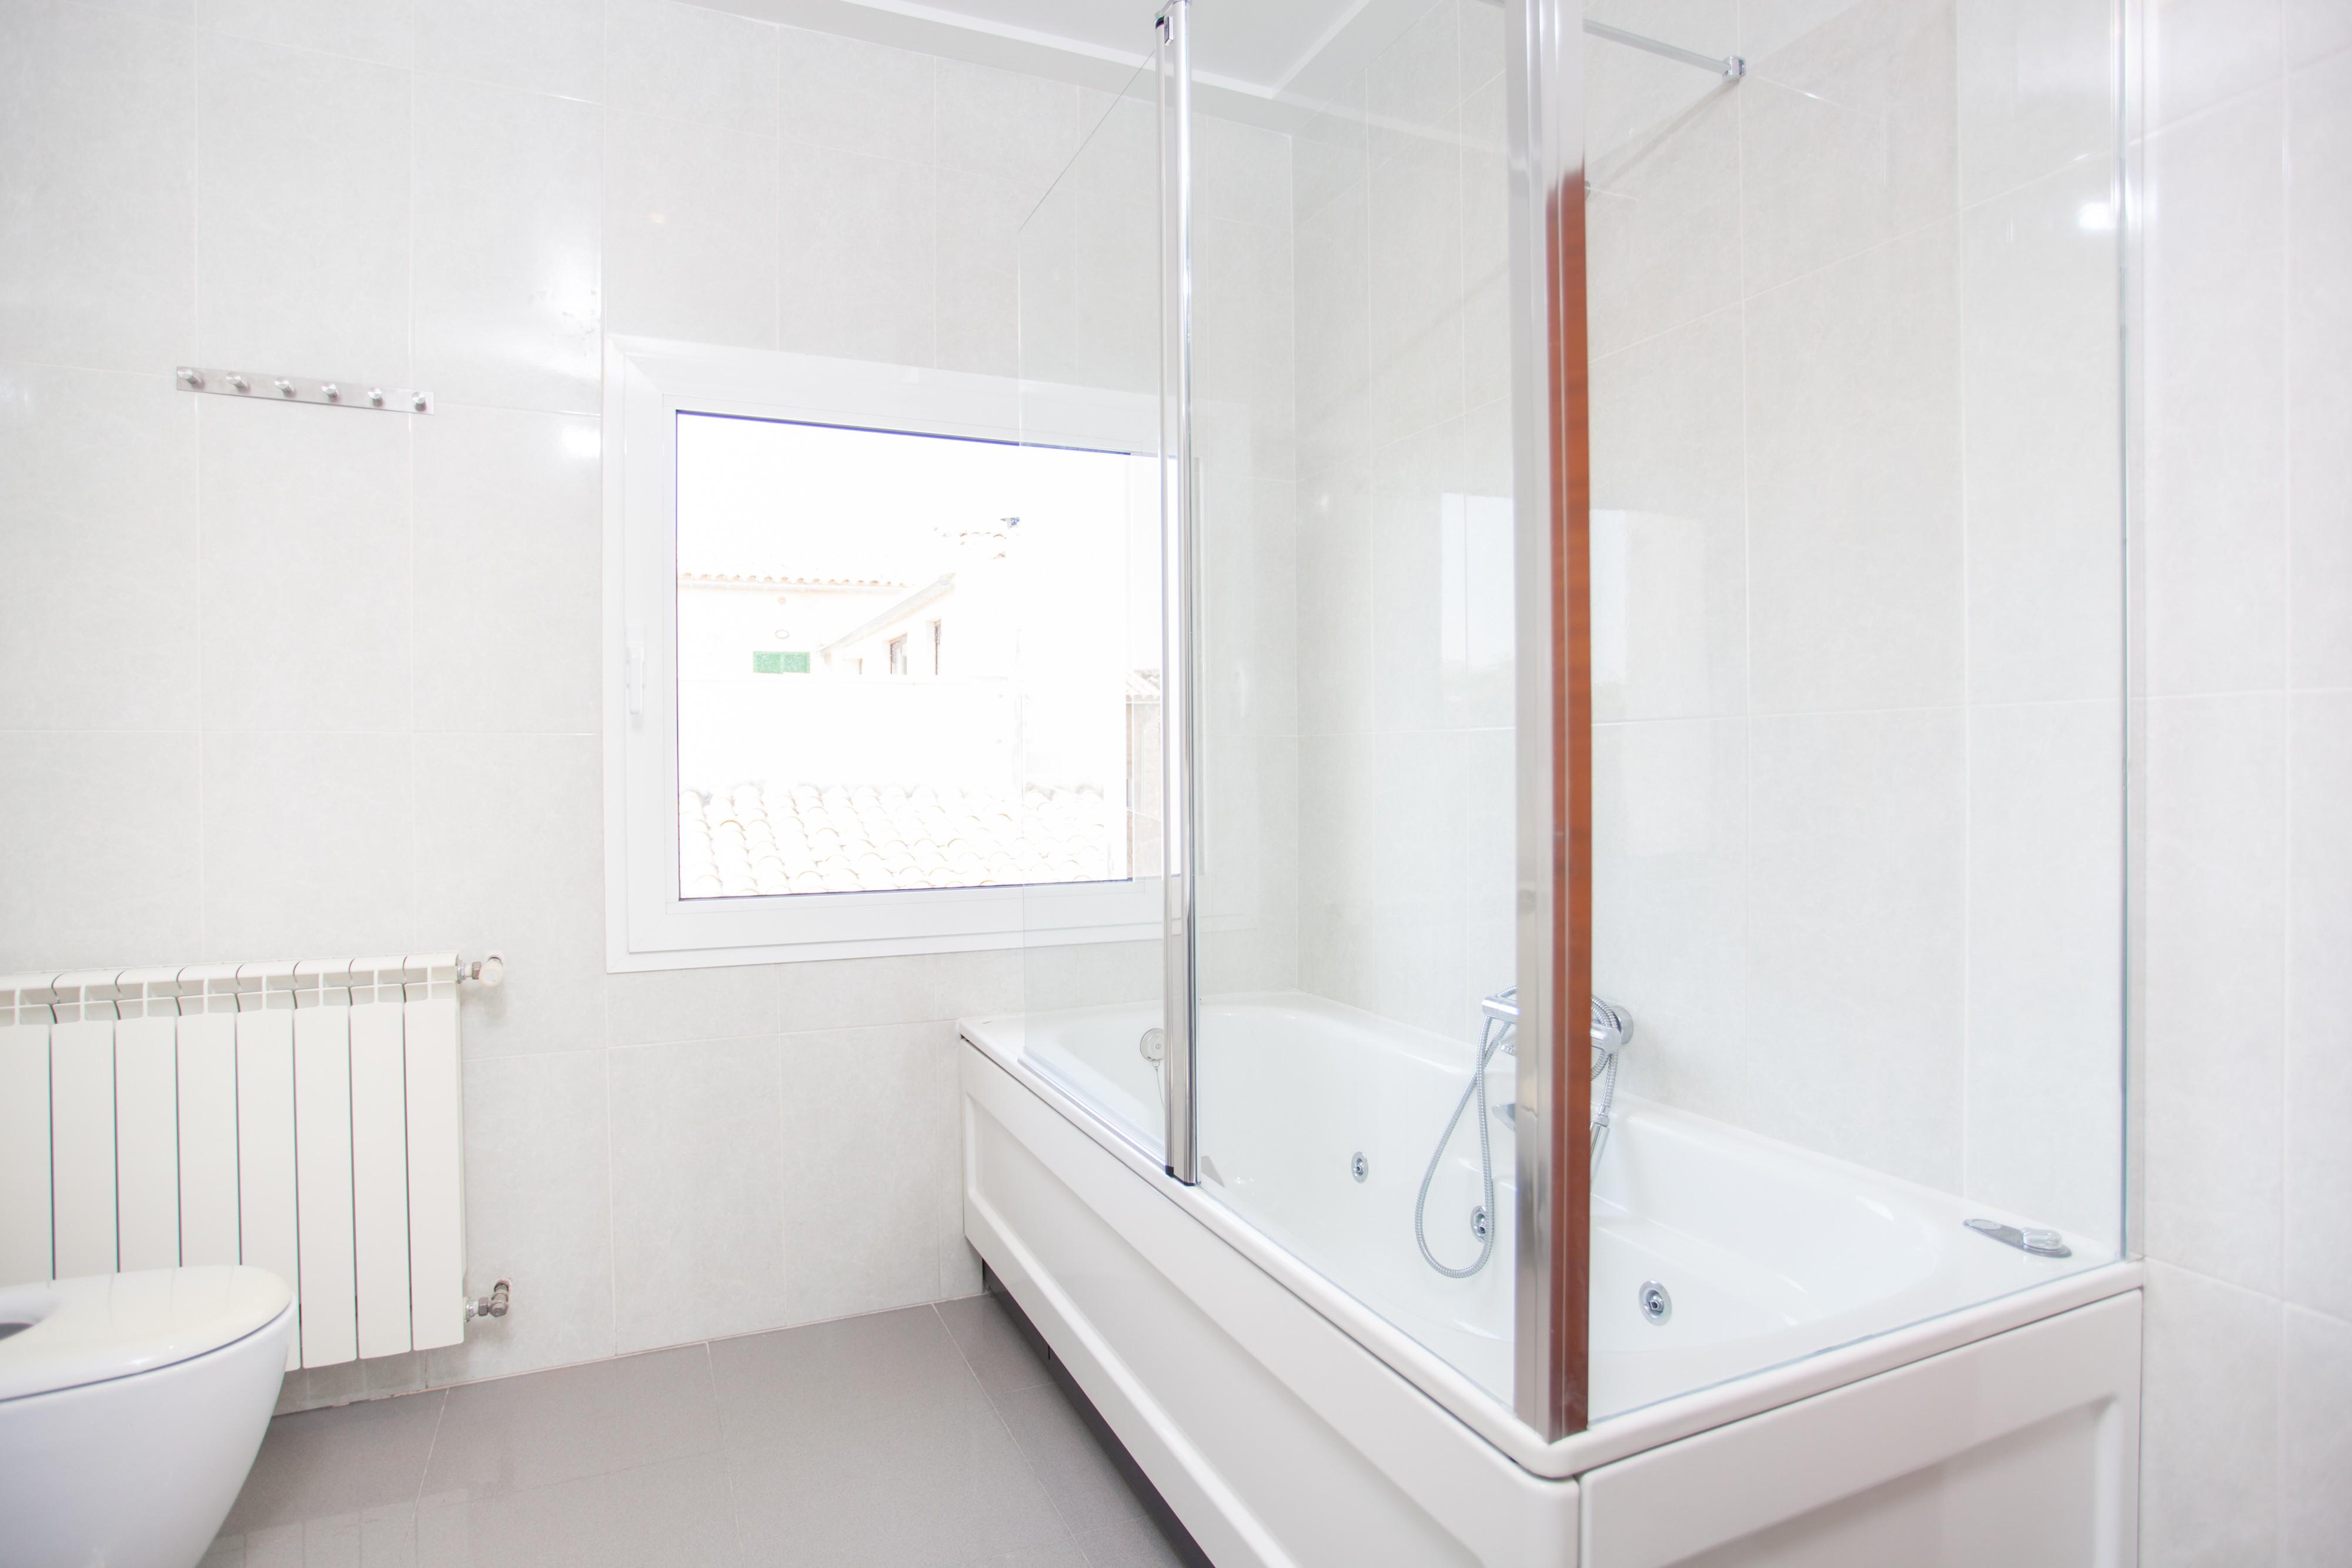 Maison de vacances CAN DOMINGO (2246405), Lloret de Vistalegre, Majorque, Iles Baléares, Espagne, image 20